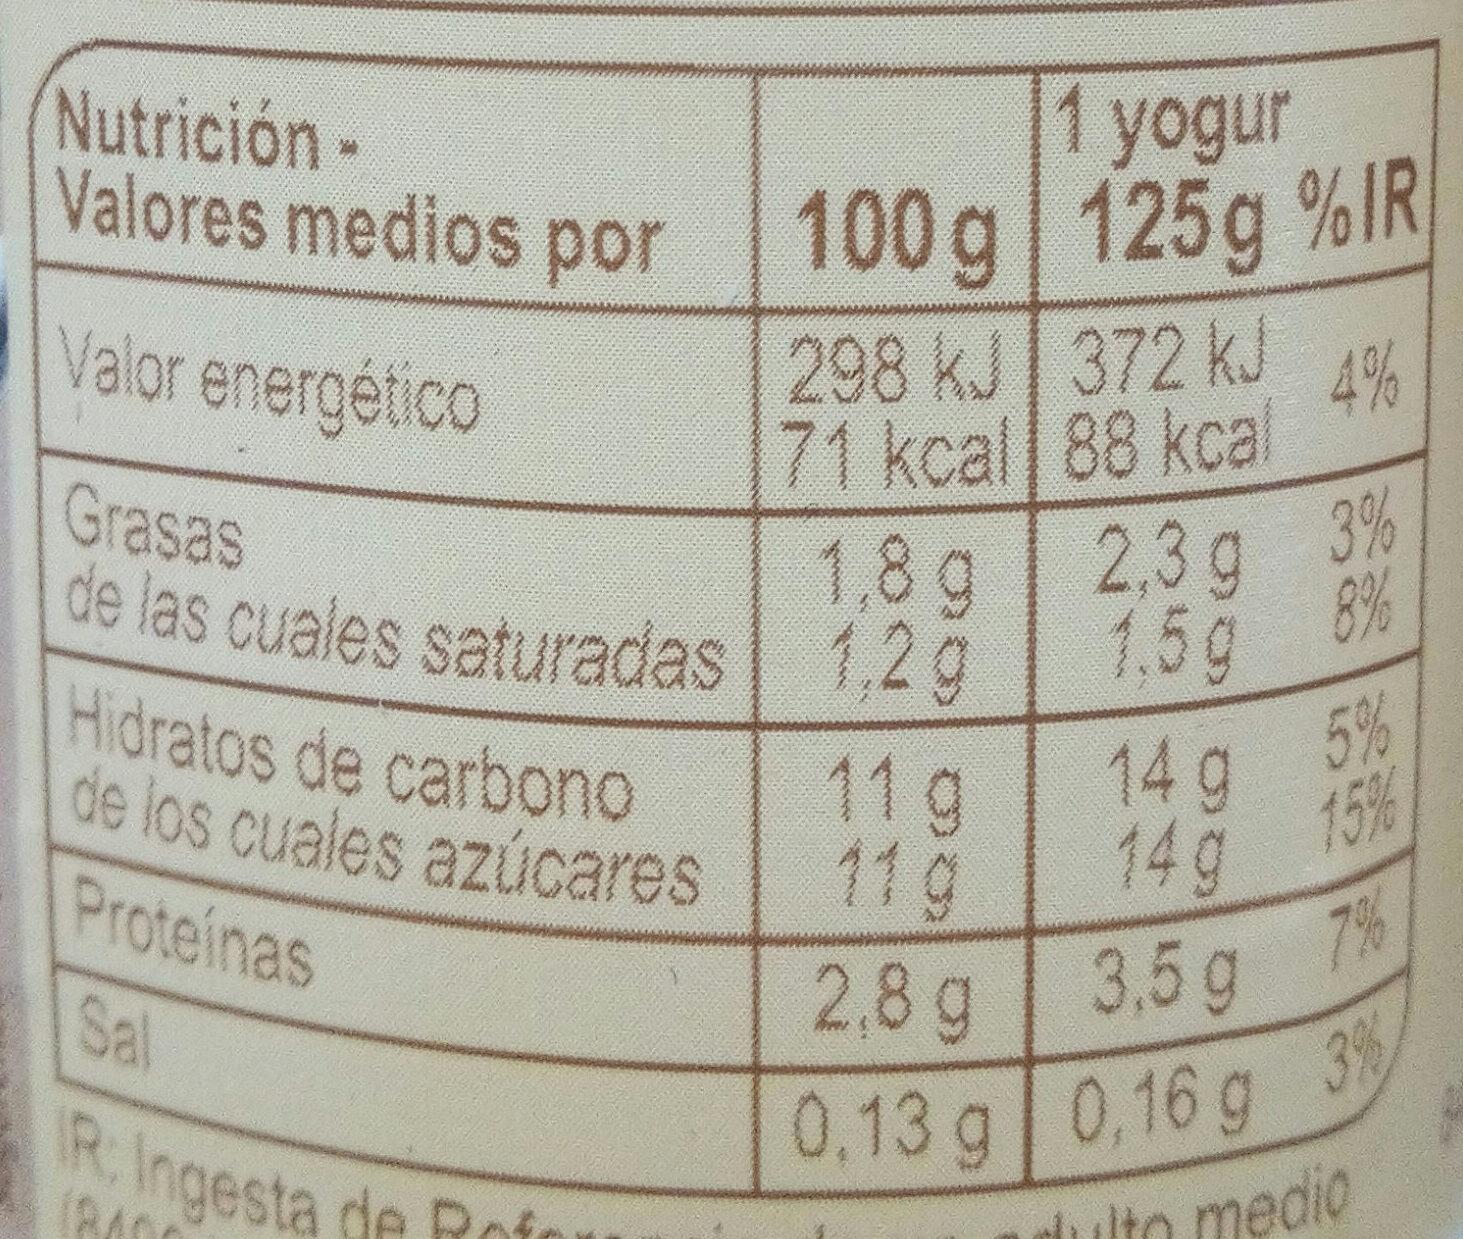 Yogur sabor a  coco - Informació nutricional - es